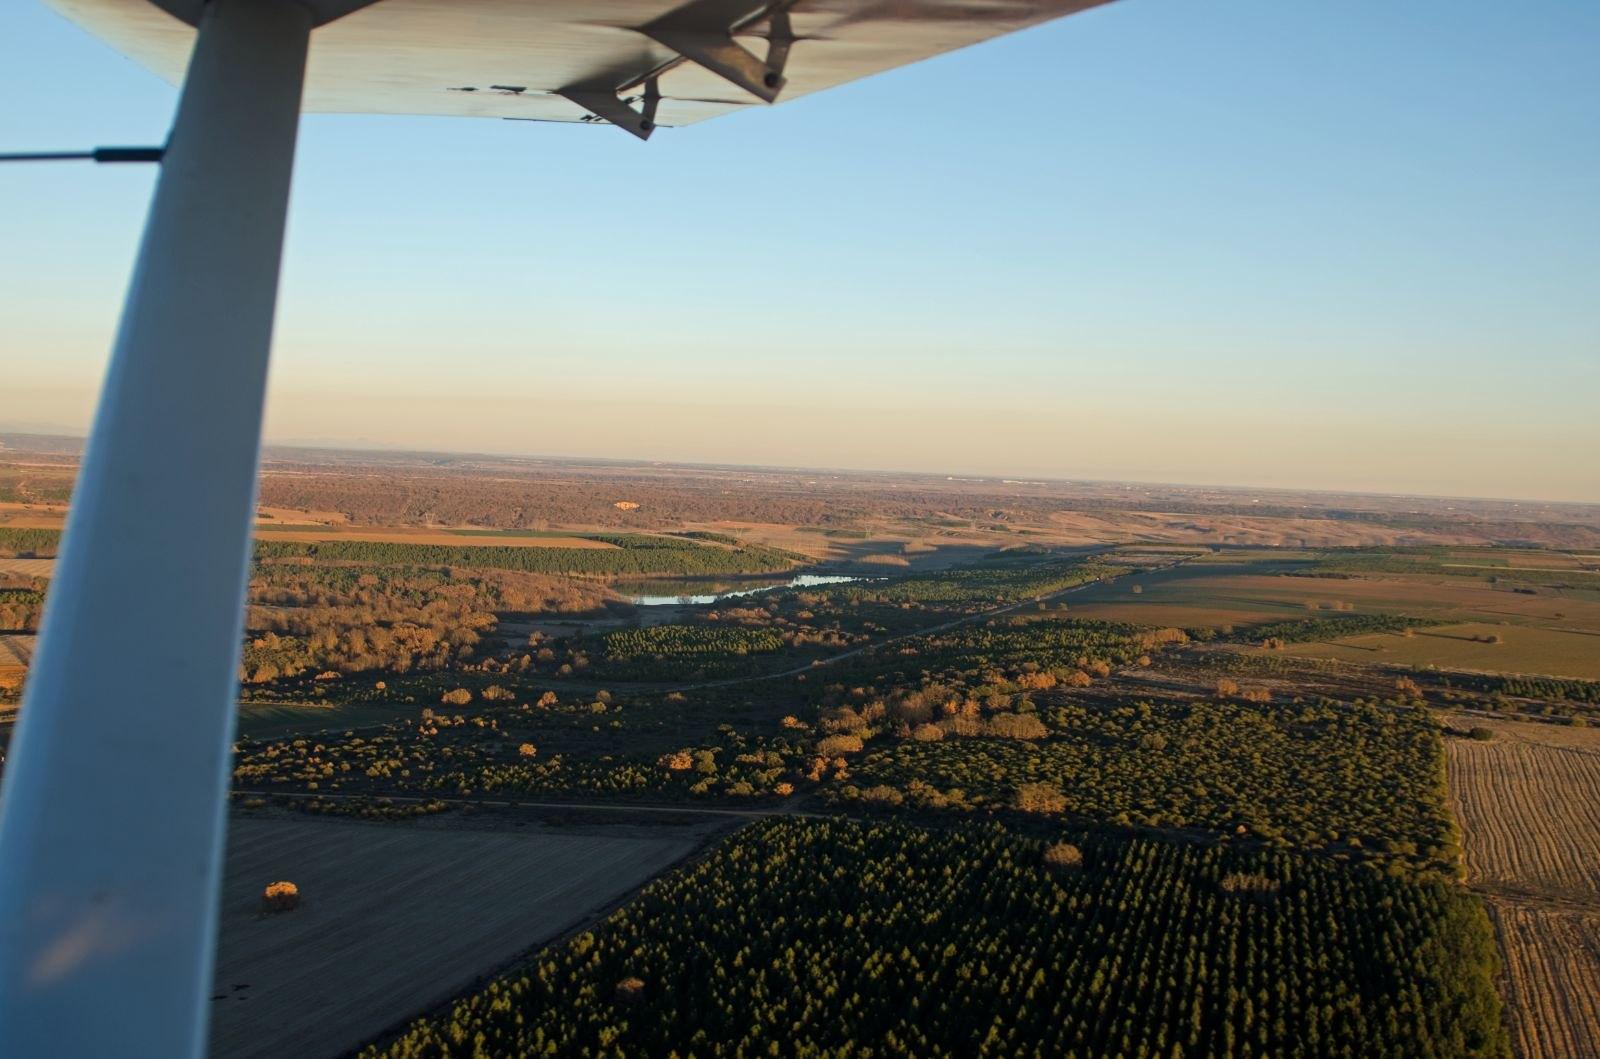 Vuelo Roberto Jabiru UL-450 Aerodromo Kitfox vuelo Astorga (114)